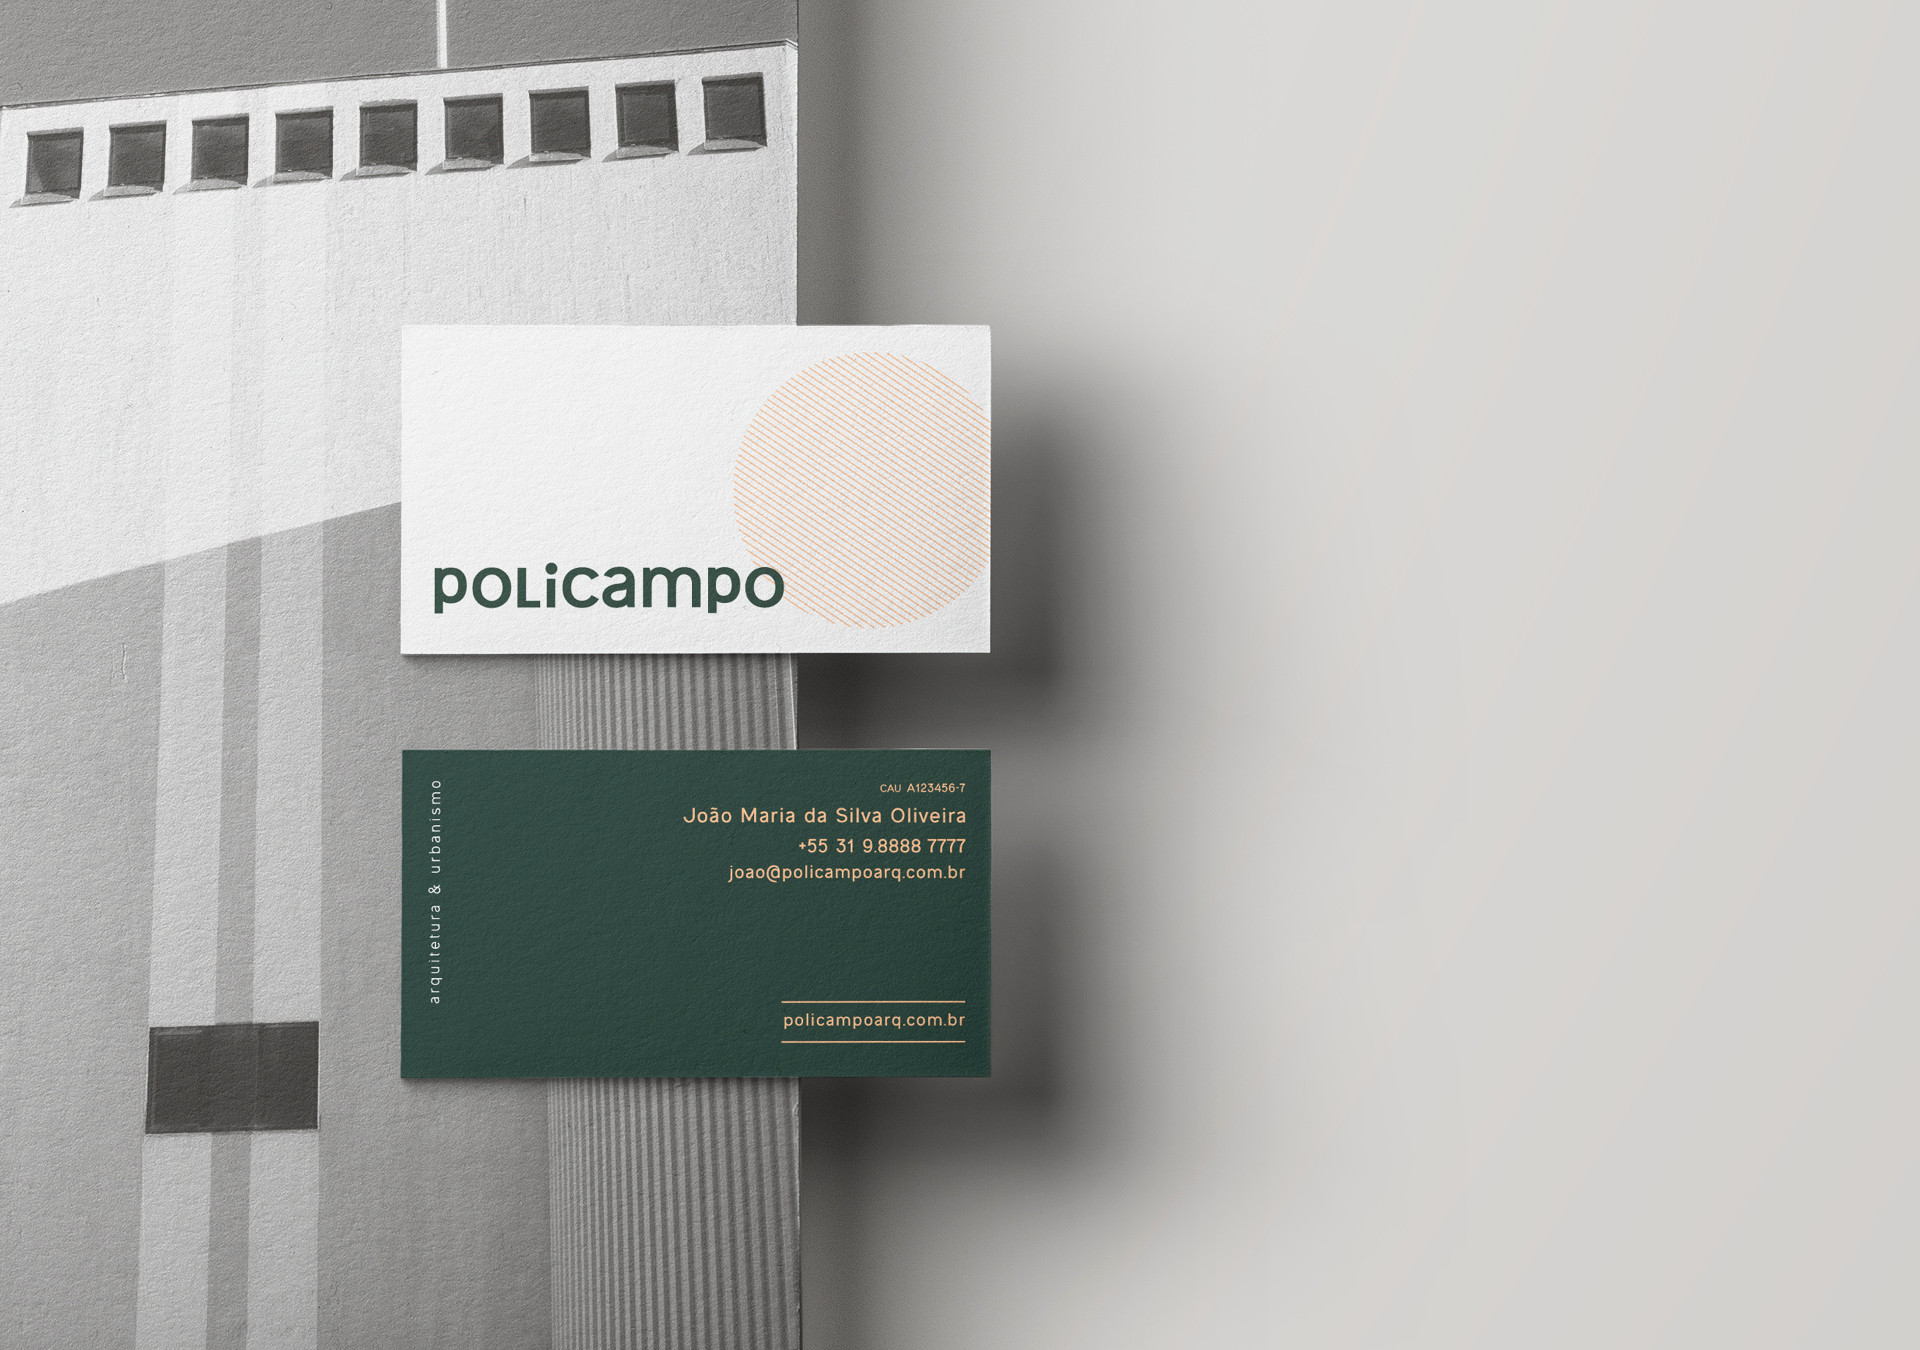 policampo2(5).jpg